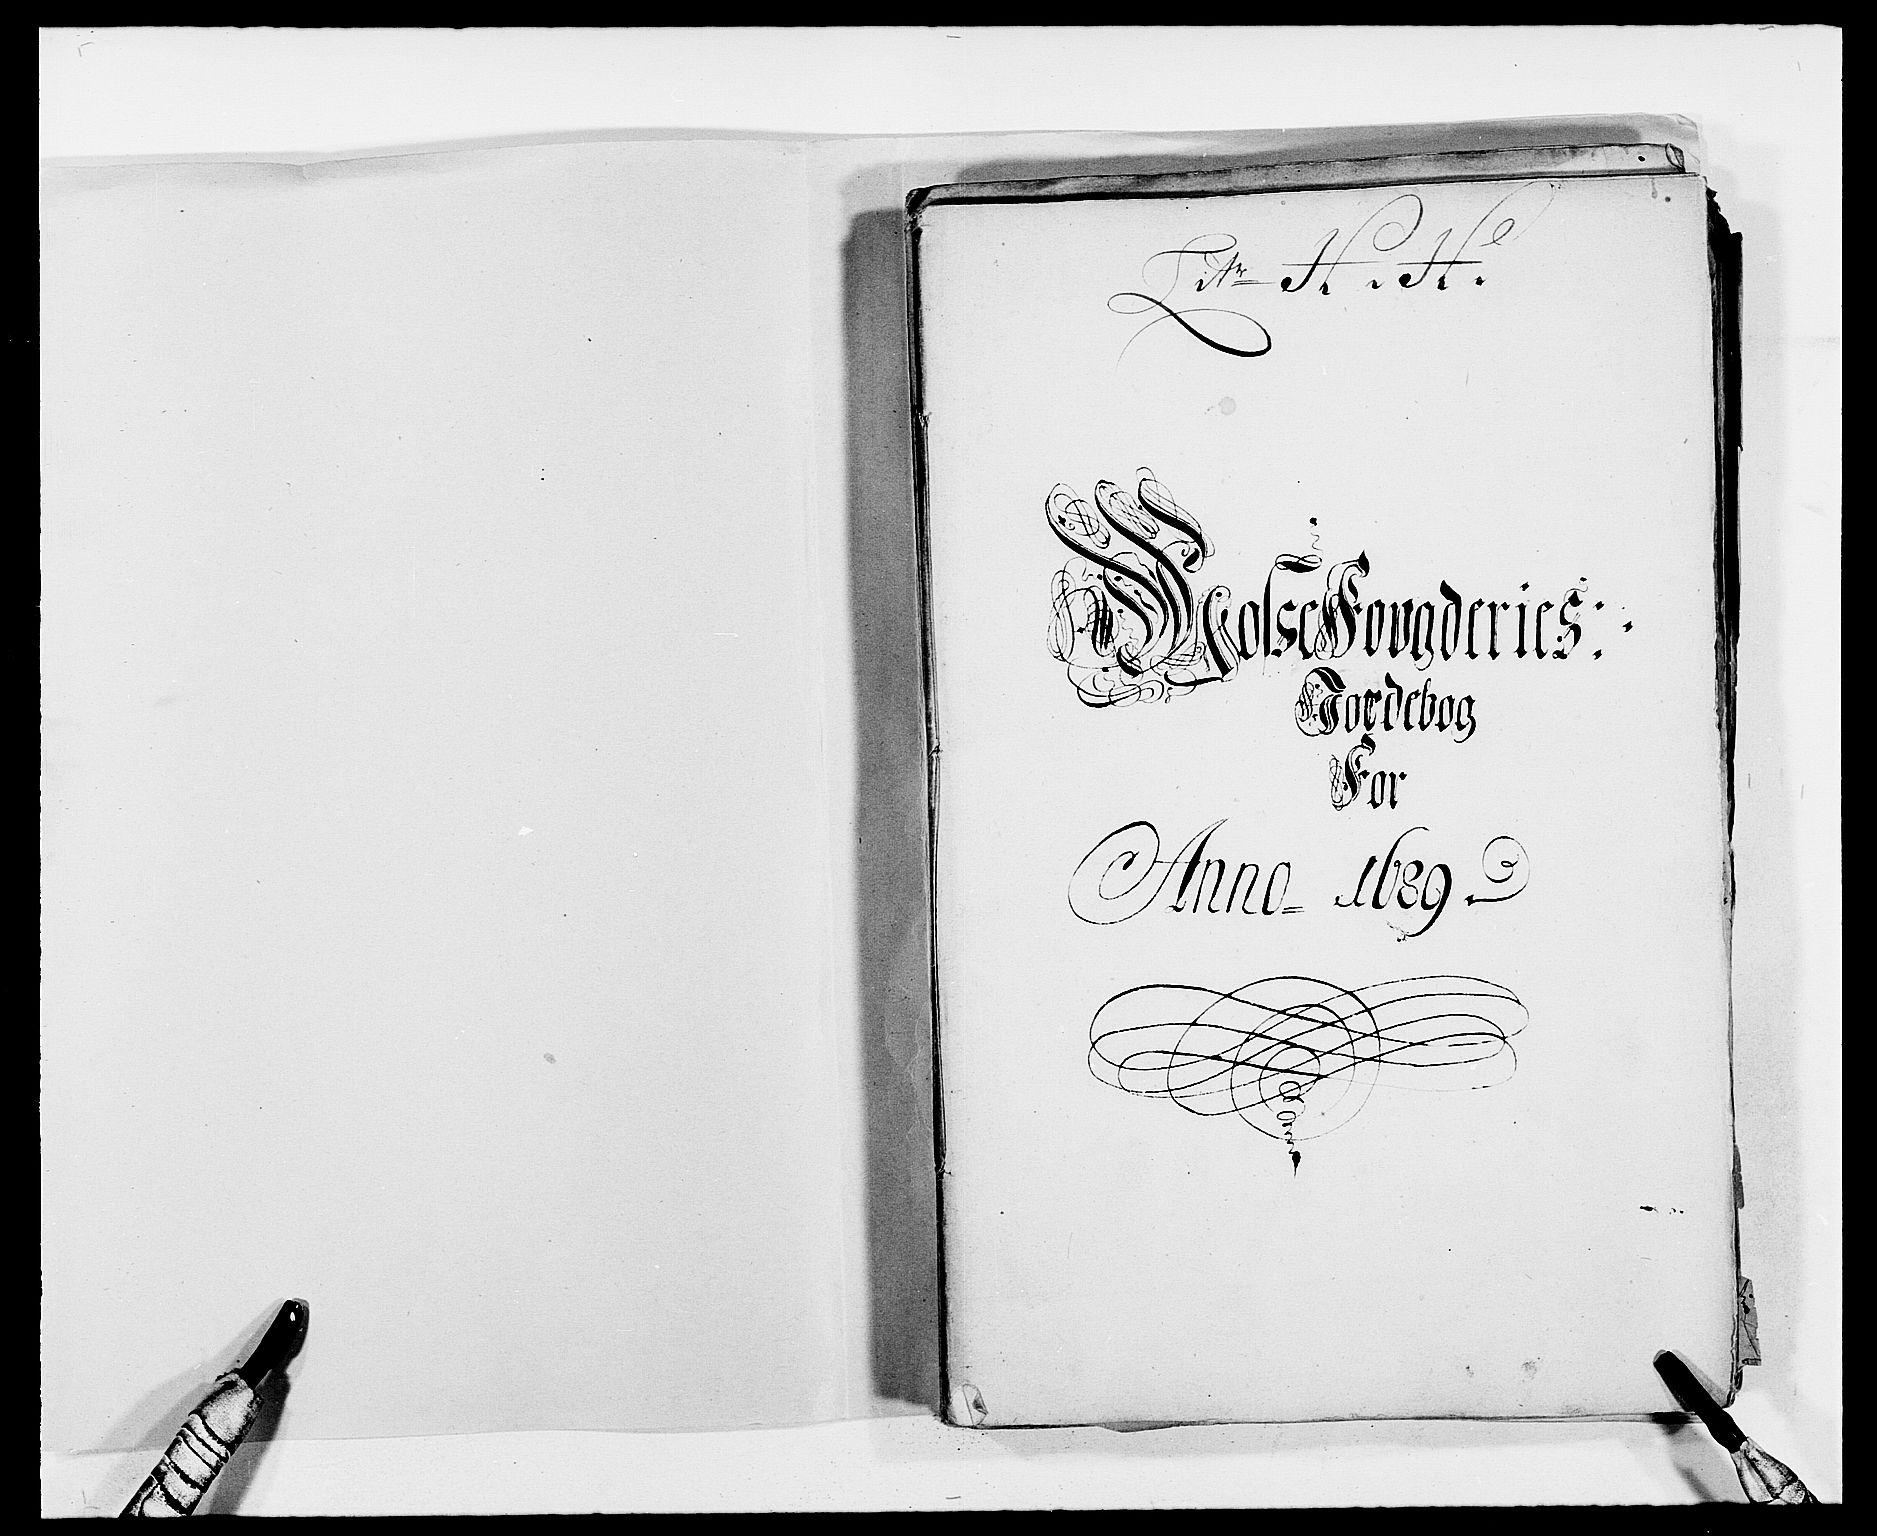 RA, Rentekammeret inntil 1814, Reviderte regnskaper, Fogderegnskap, R02/L0106: Fogderegnskap Moss og Verne kloster, 1688-1691, s. 165